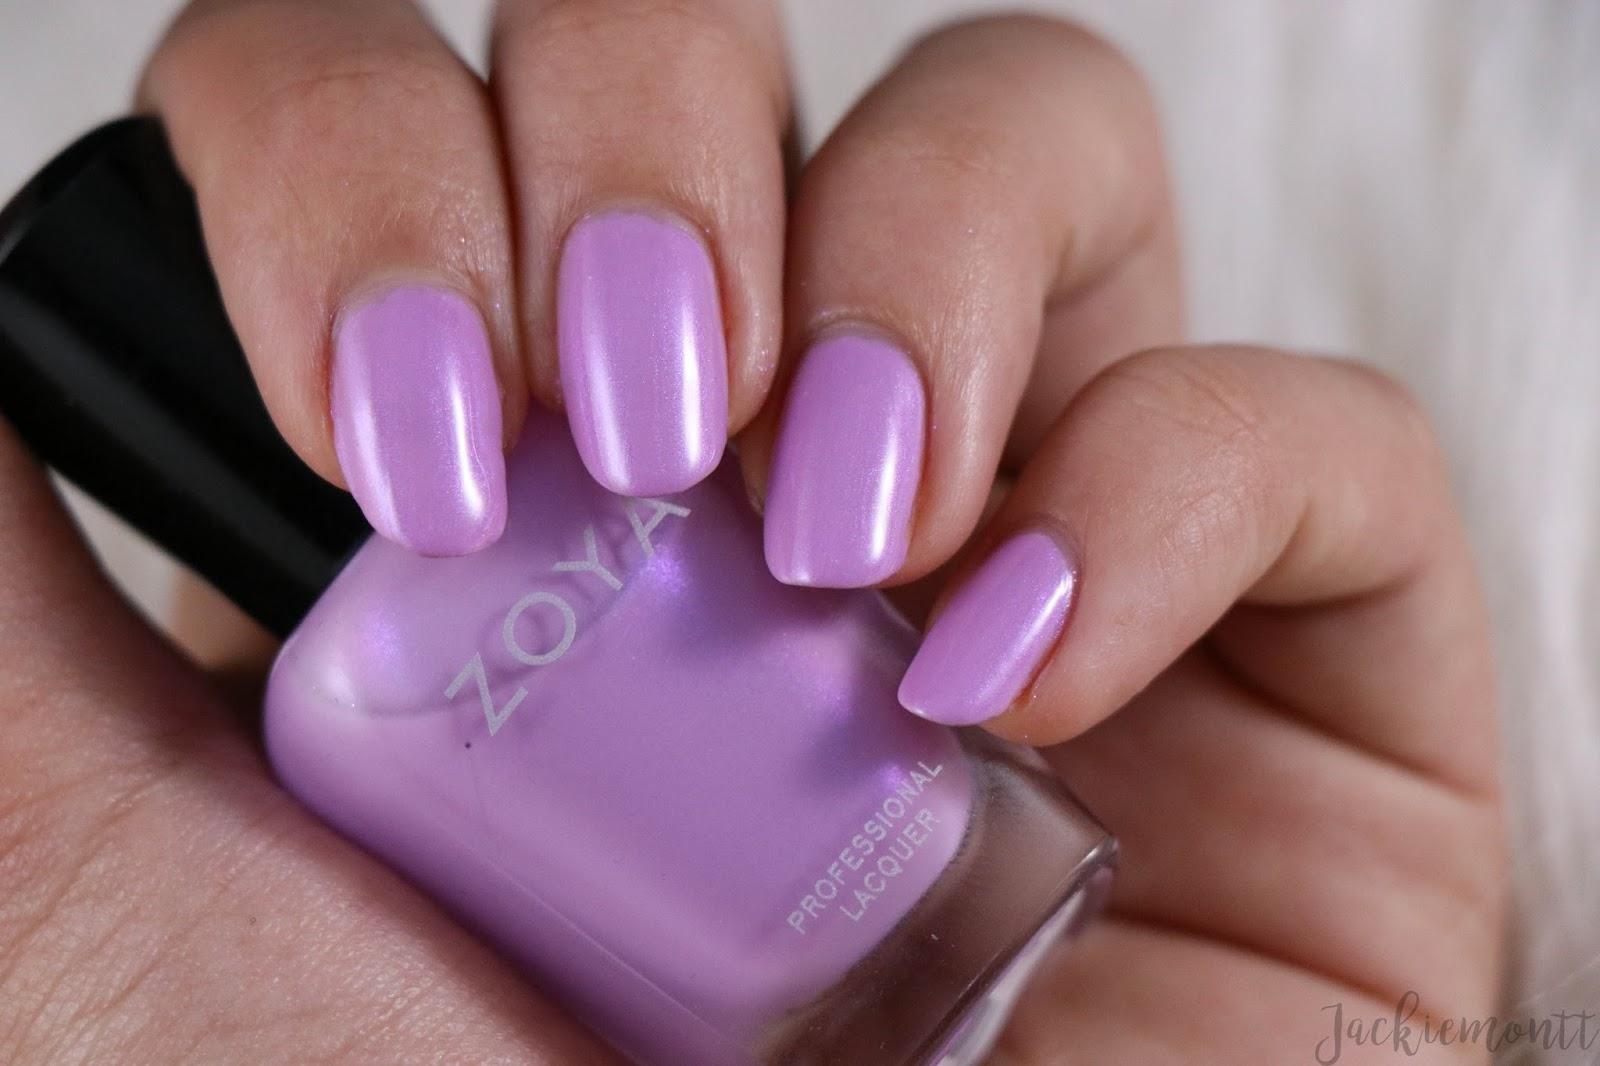 Best Light Pink Nail Polish Zoya - CrossfitHPU